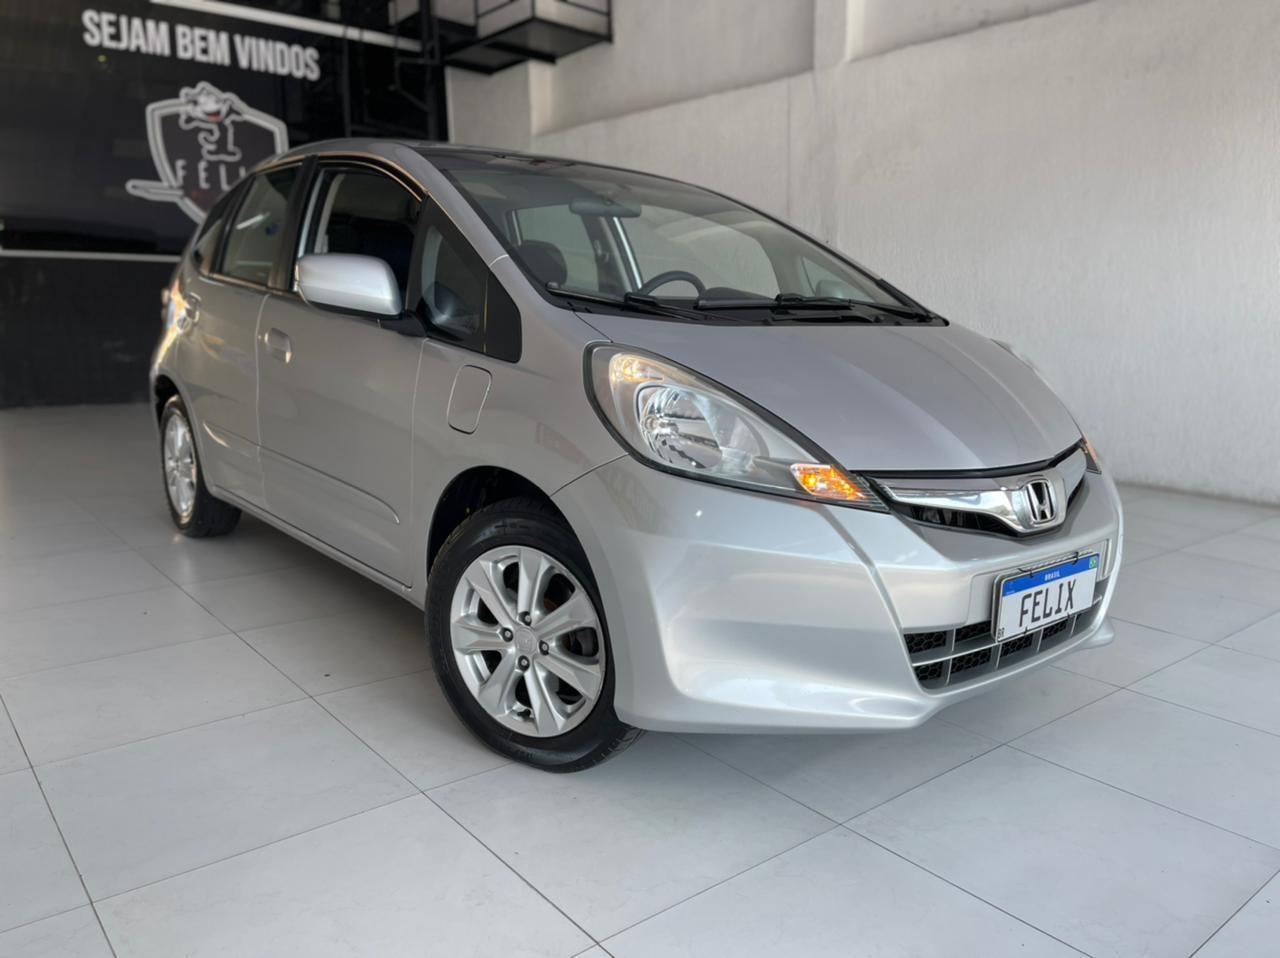 //www.autoline.com.br/carro/honda/fit-14-lx-16v-flex-4p-automatico/2013/sao-paulo-sp/15207756